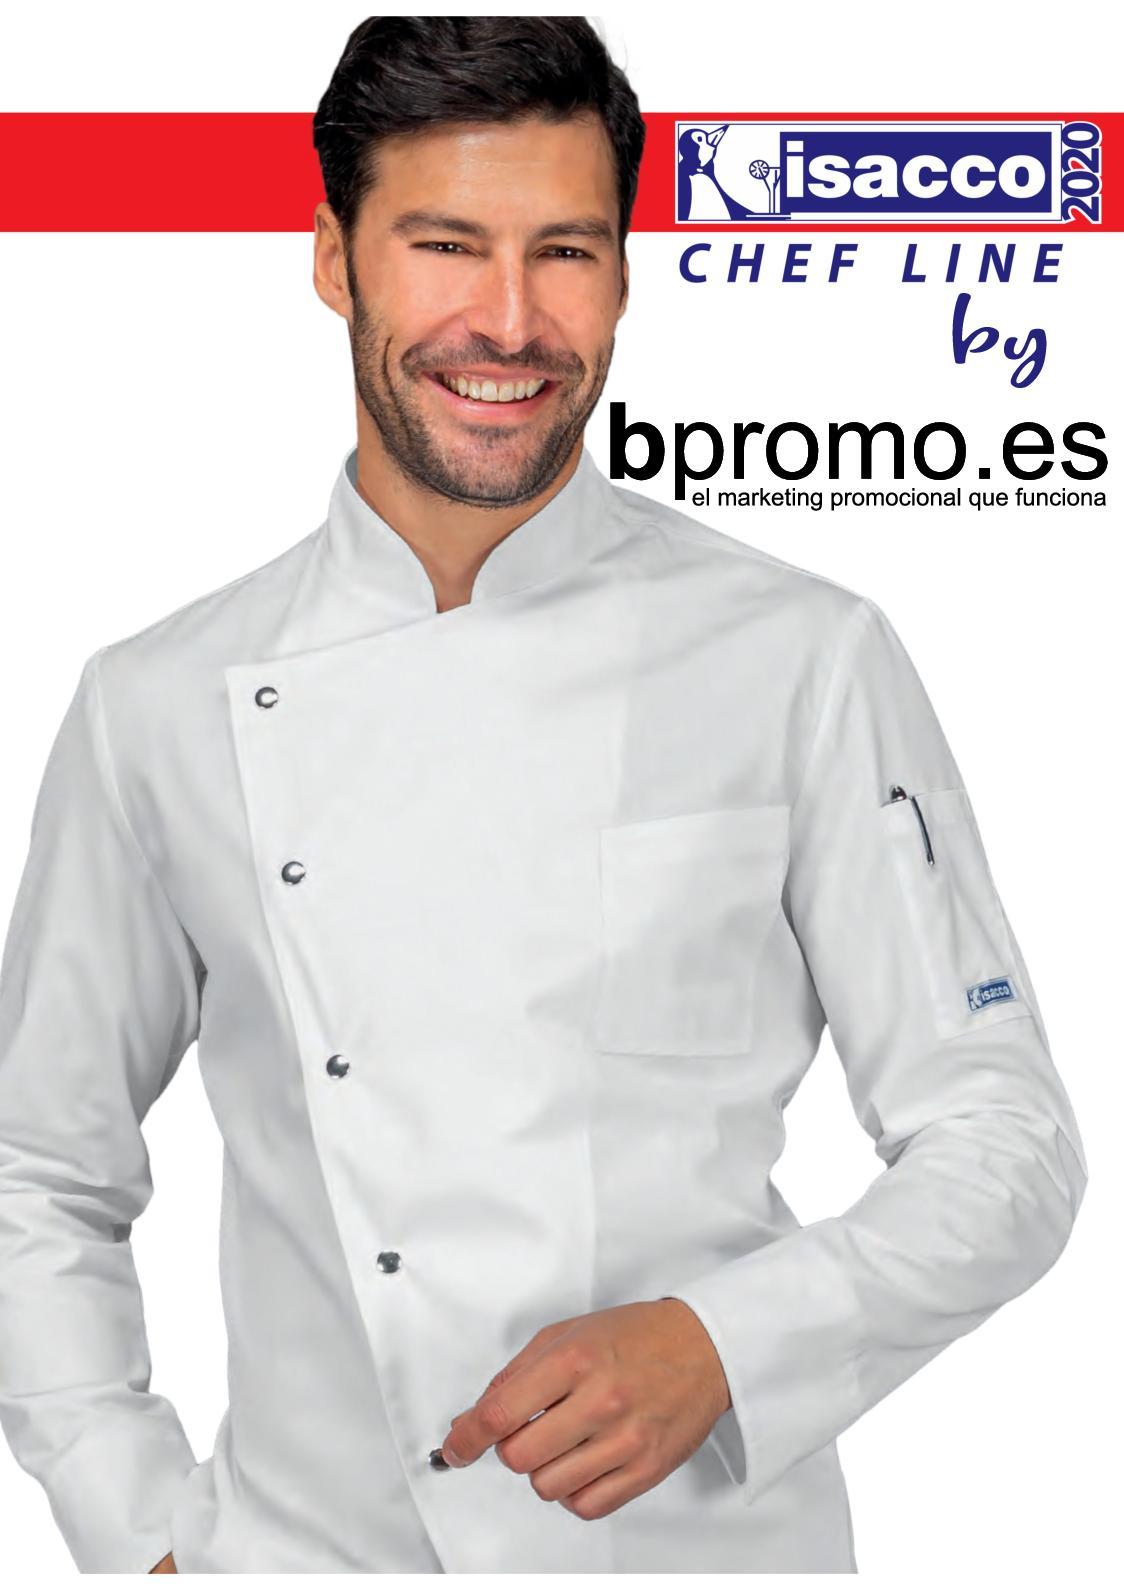 057099 Giacca cuoco Profilata Isacco Euro per Abbigliamento per la cucina Donna Uomo Giacche